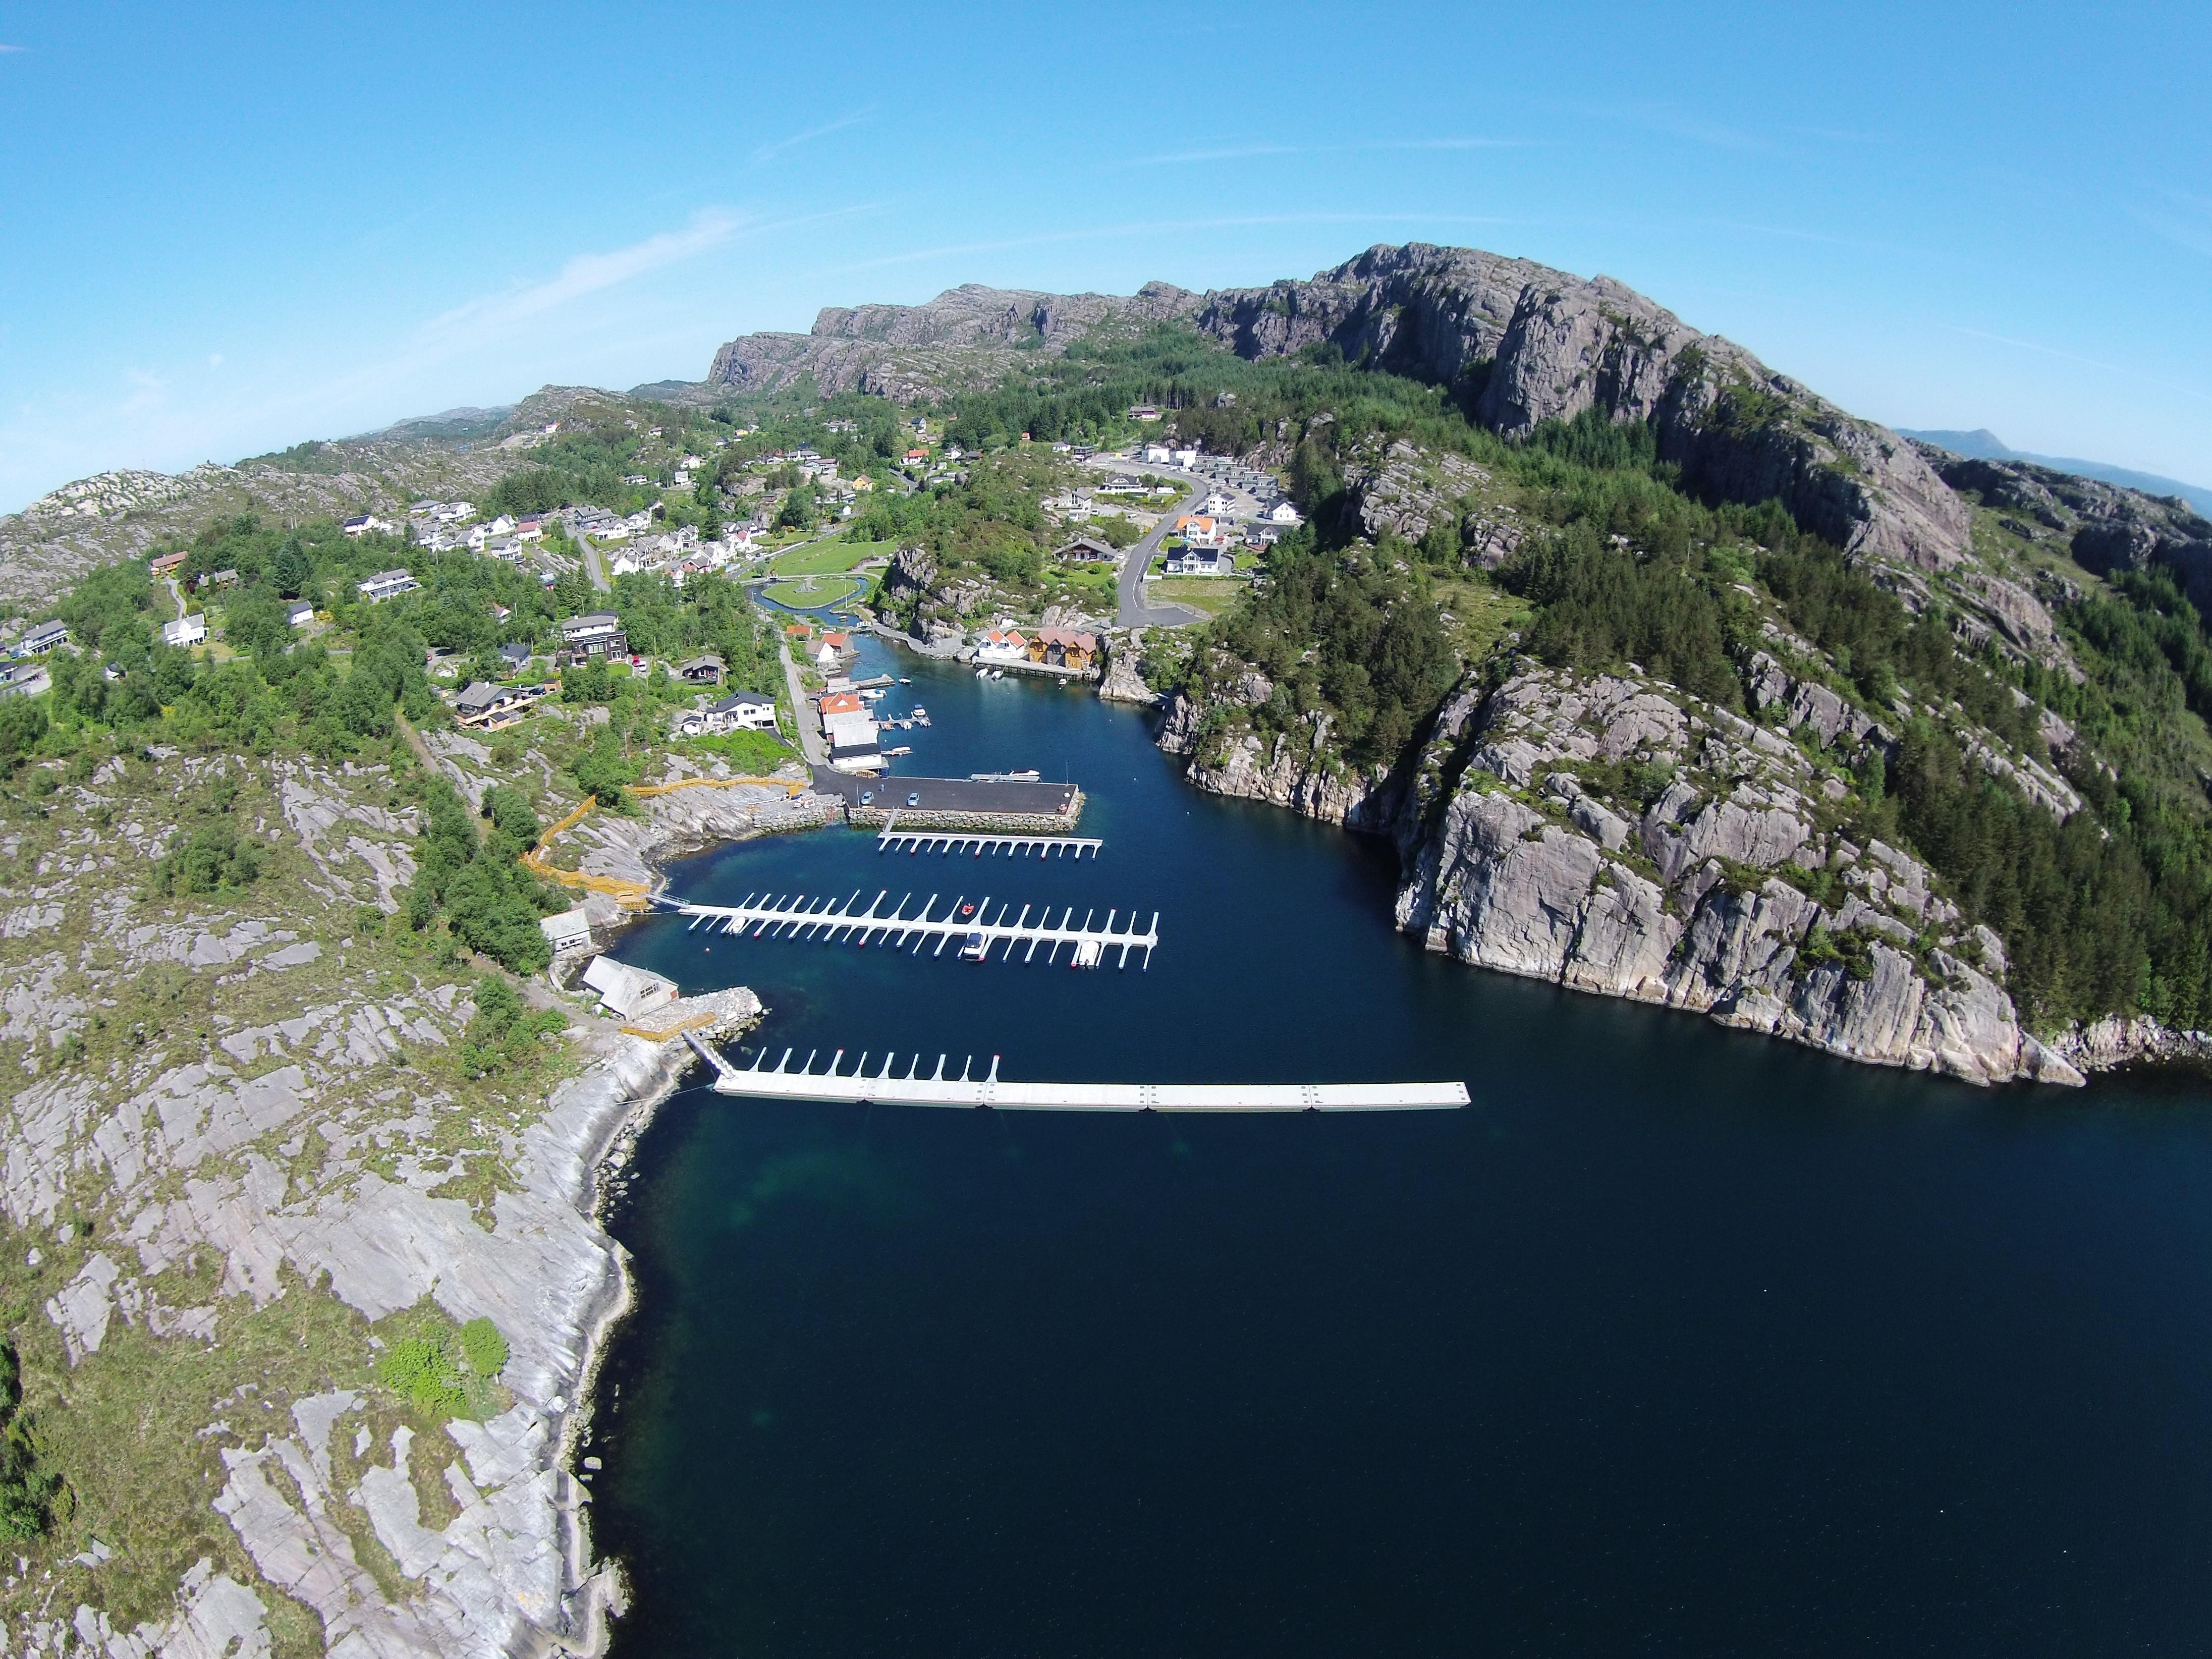 https://marinasolutions.no/uploads/Haganesvikja-Båtlag_dronefoto.JPG